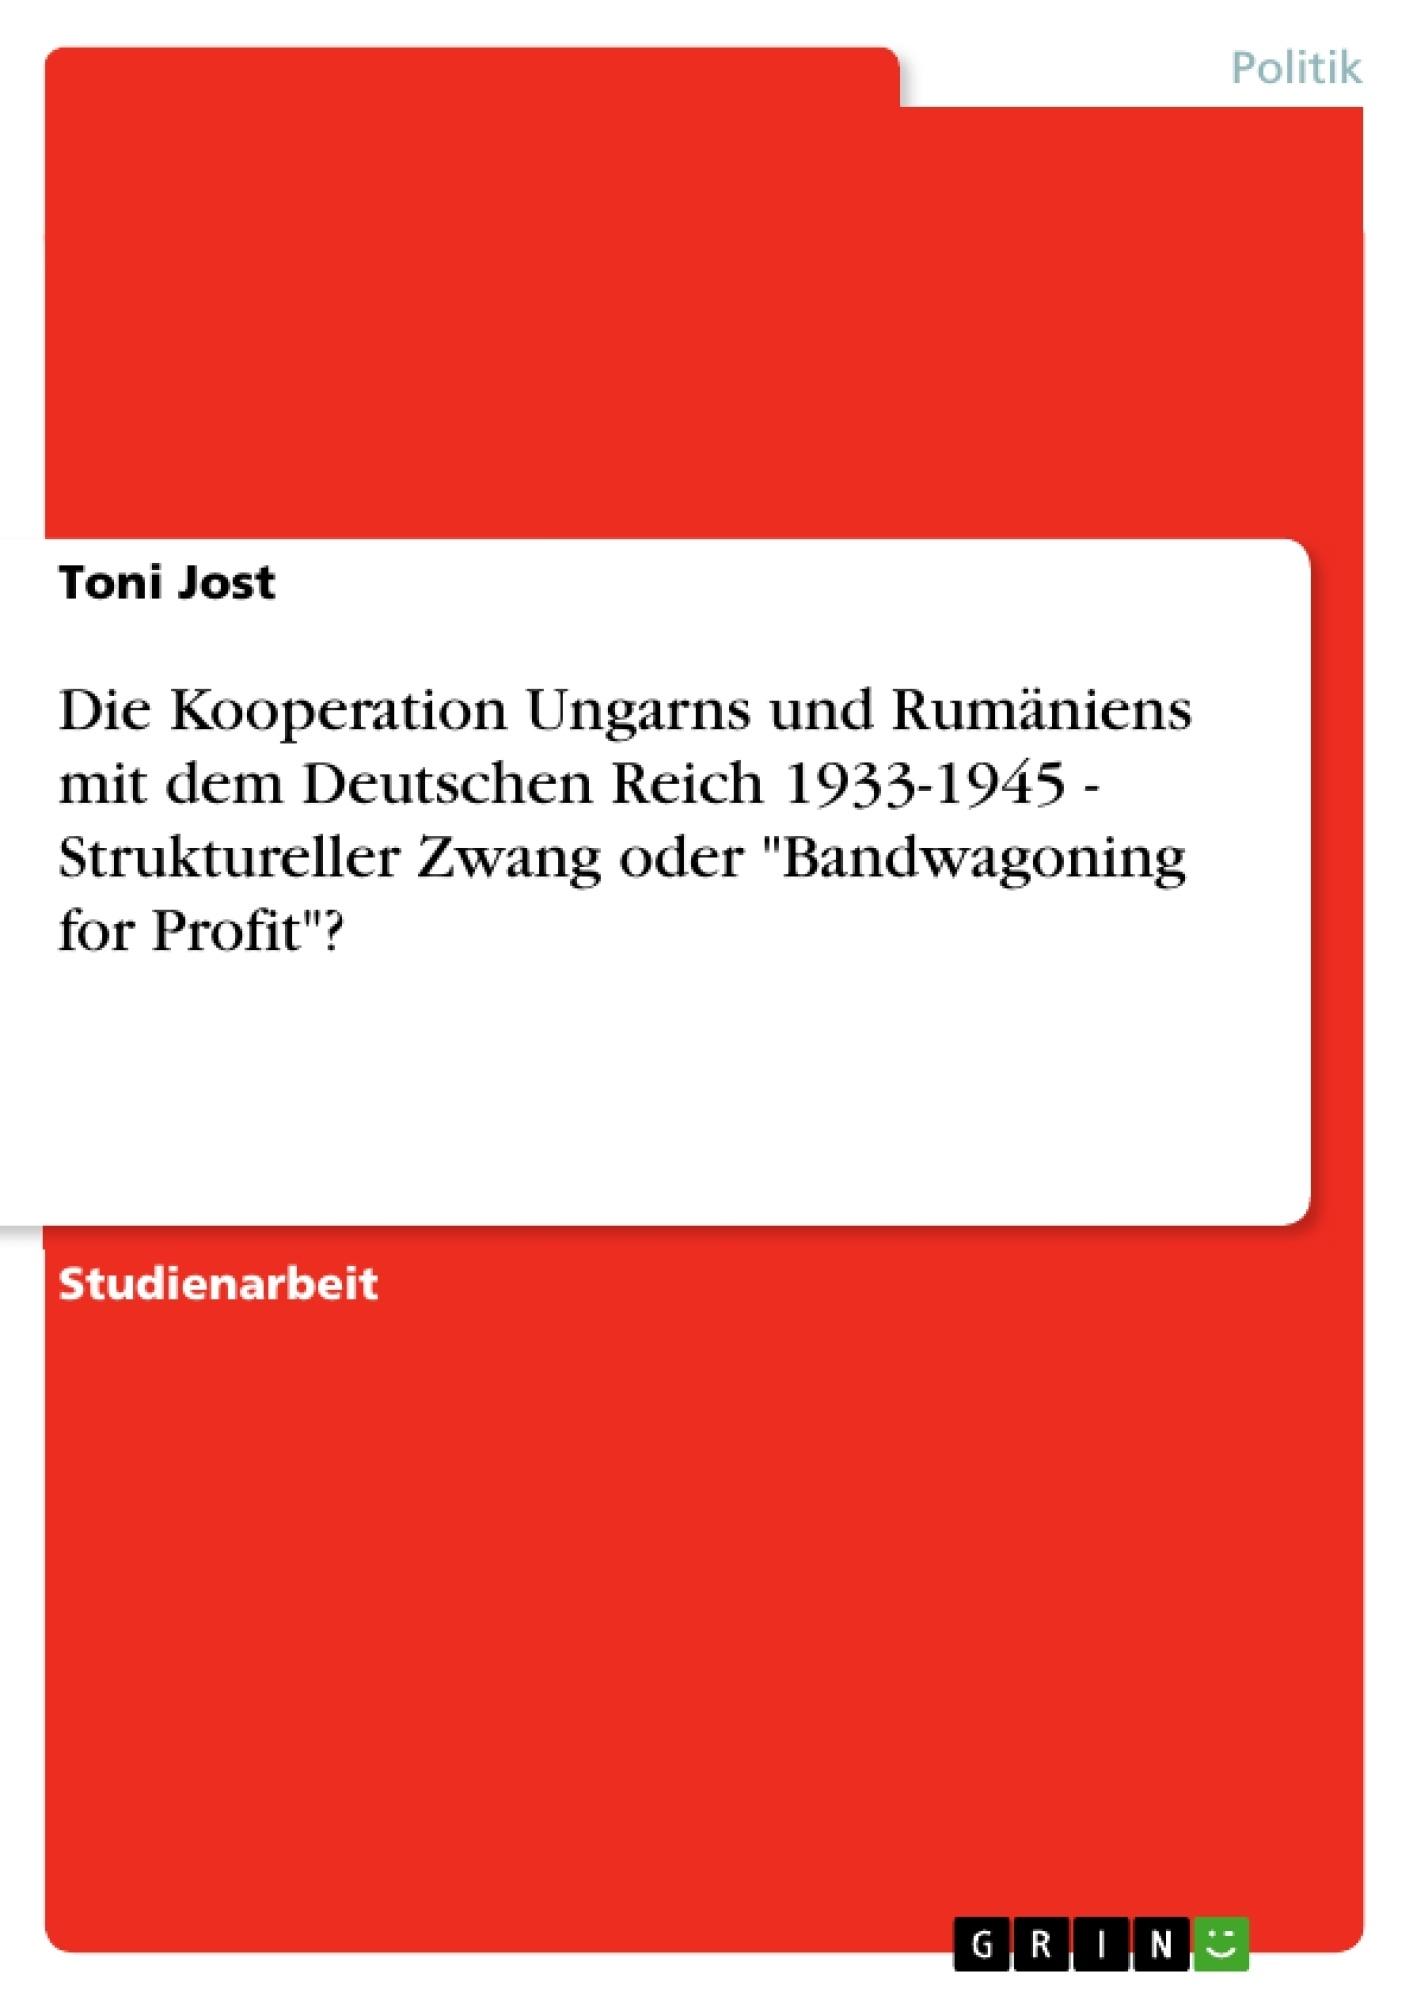 """Titel: Die Kooperation Ungarns und Rumäniens mit dem Deutschen Reich 1933-1945 - Struktureller Zwang oder """"Bandwagoning for Profit""""?"""